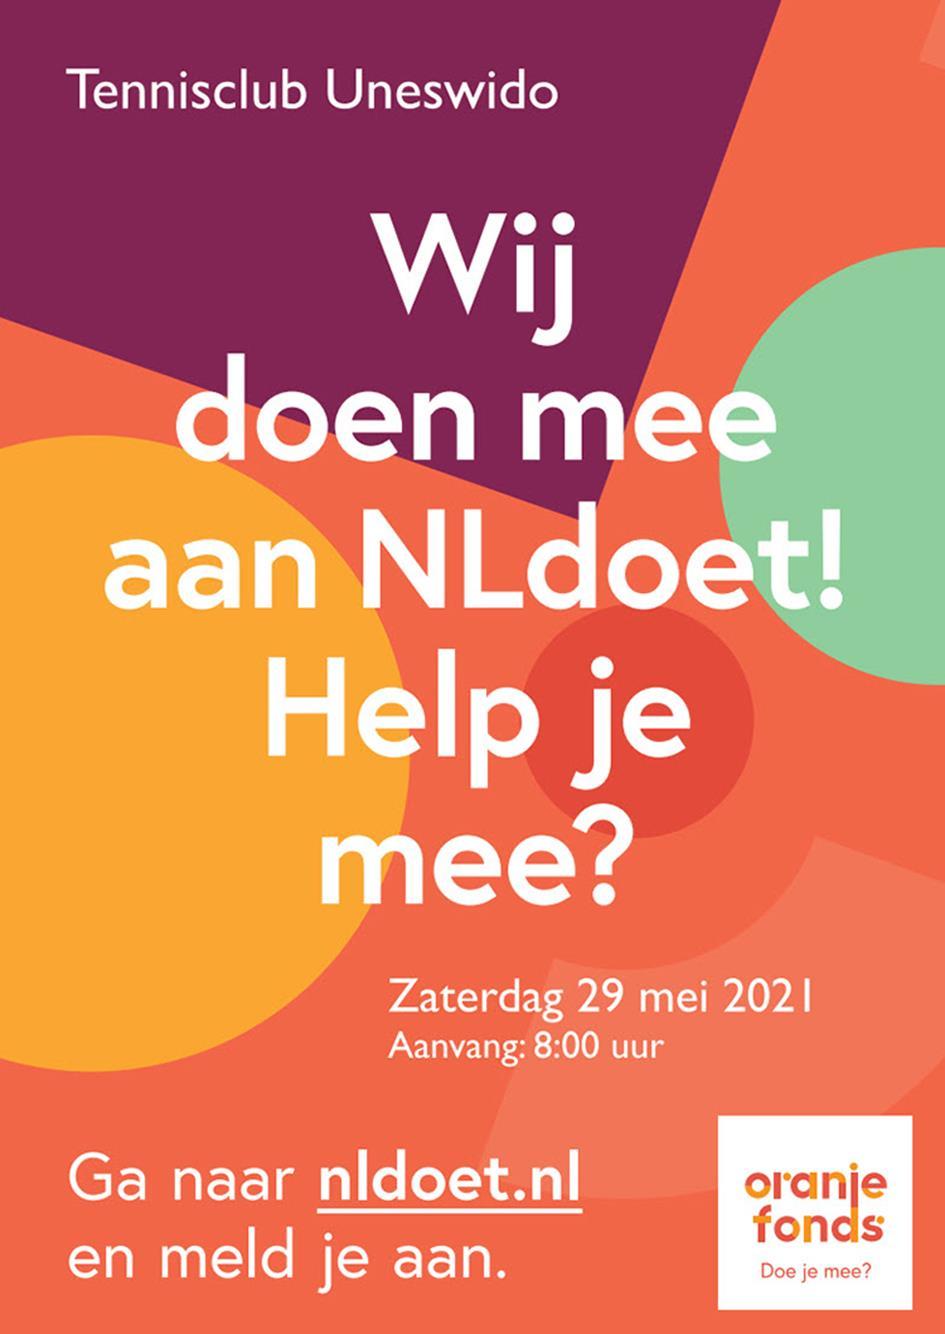 NL Doet 2021-05-17_21-32-40.jpg